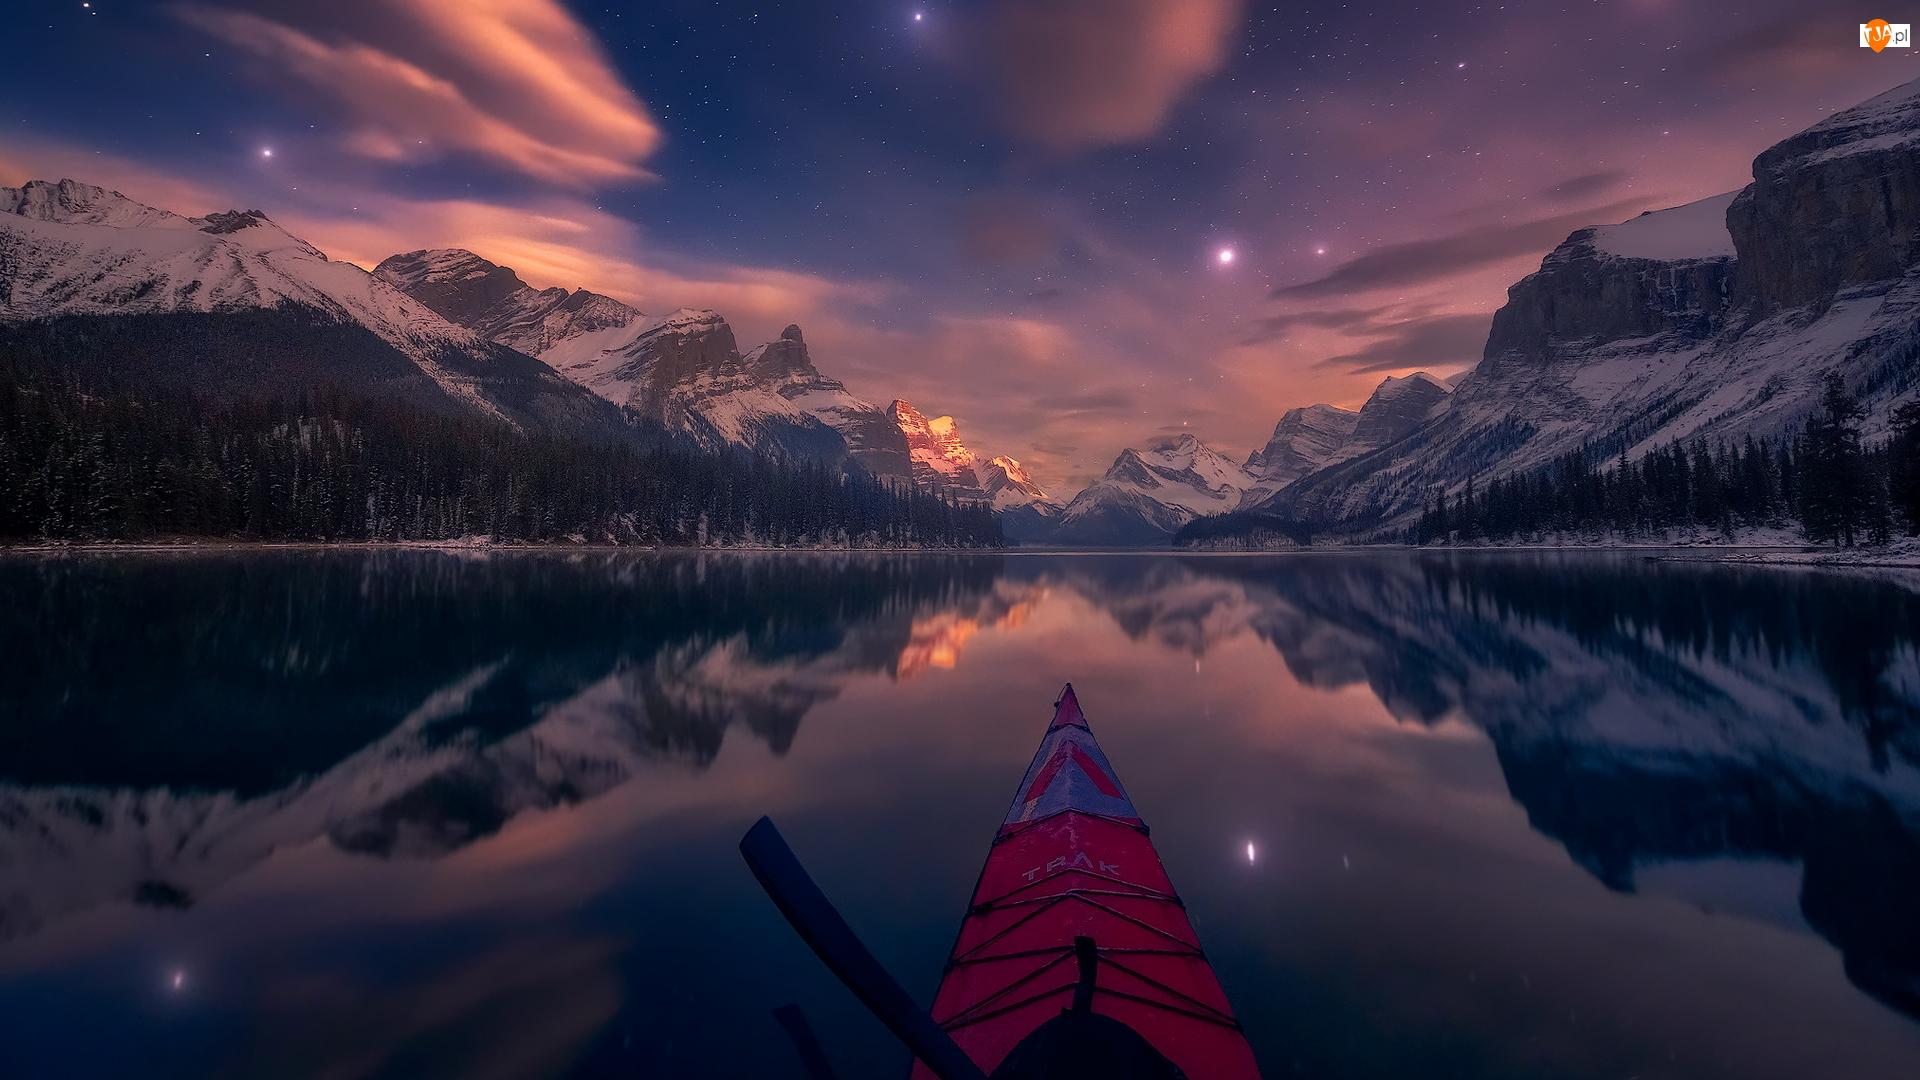 Góry, Zmierzch, Park Narodowy Jasper, Gwiazdy, Maligne Lake, Alberta, Canadian Rockies, Jezioro, Zima, Kajak, Kanada